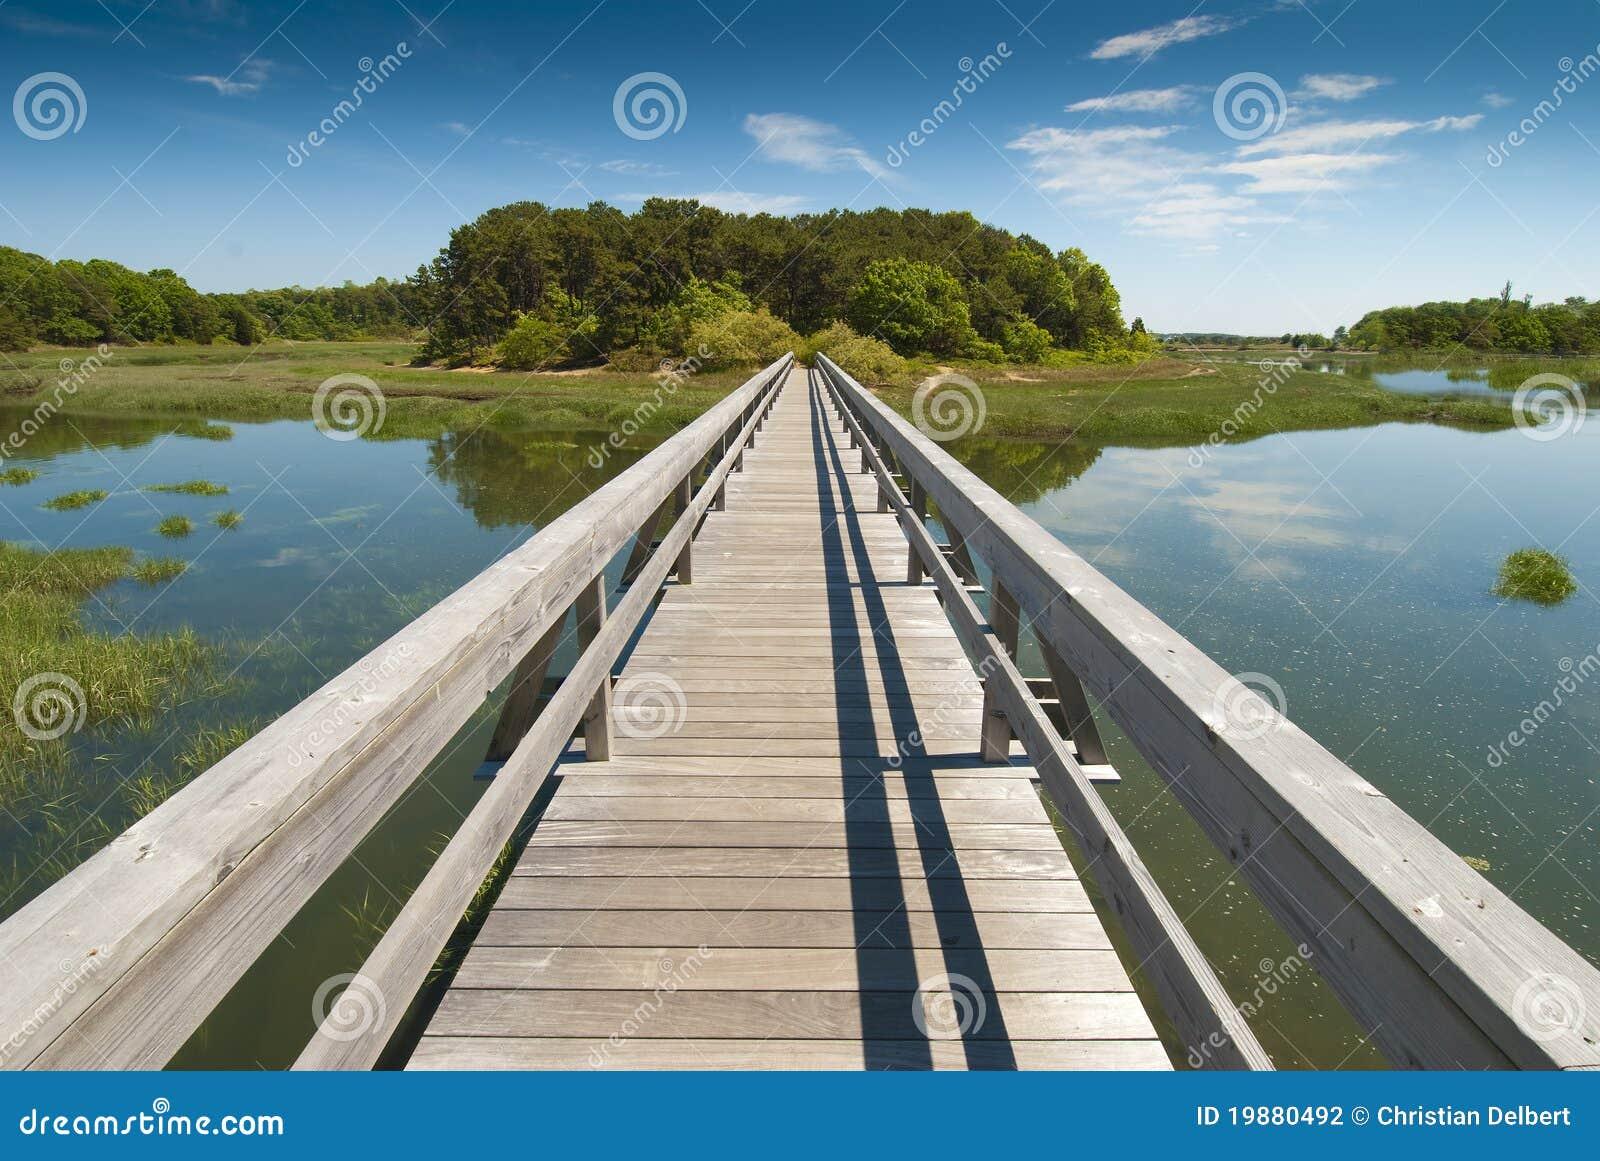 Hölzerne Brücke in der Perspektive